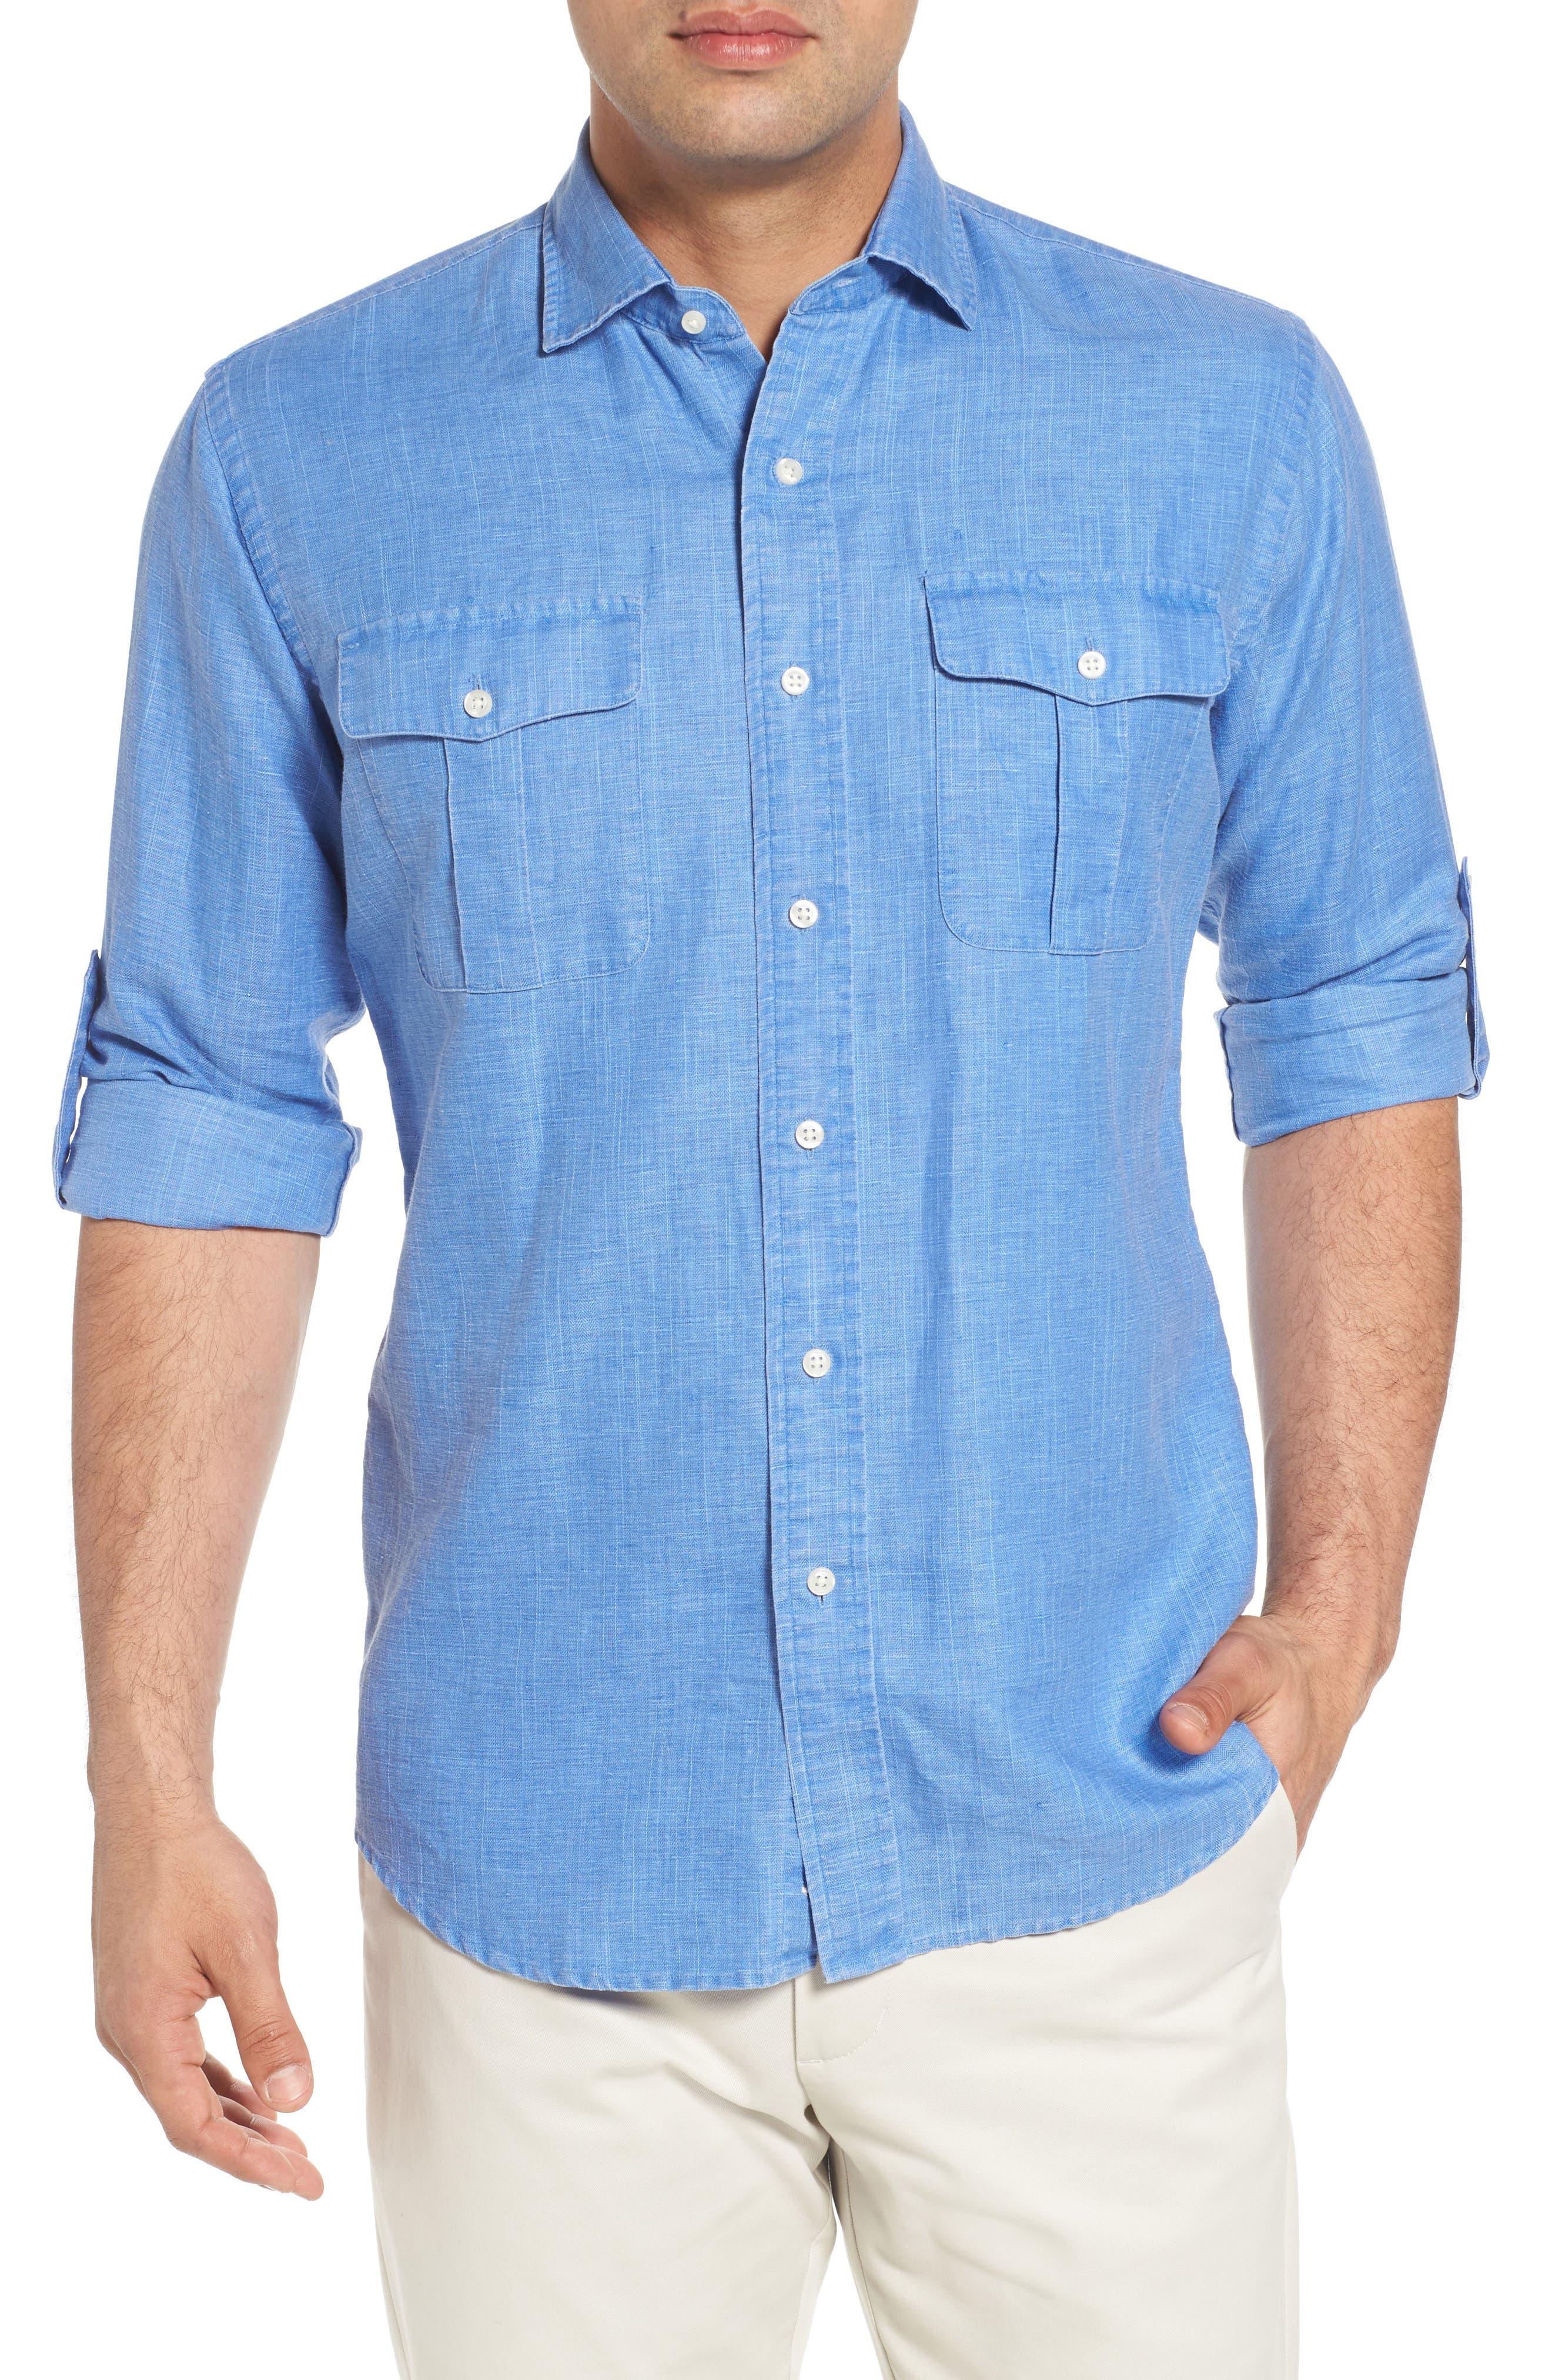 Main Image - Peter Millar Harkers Regular Fit Herringbone Sport Shirt